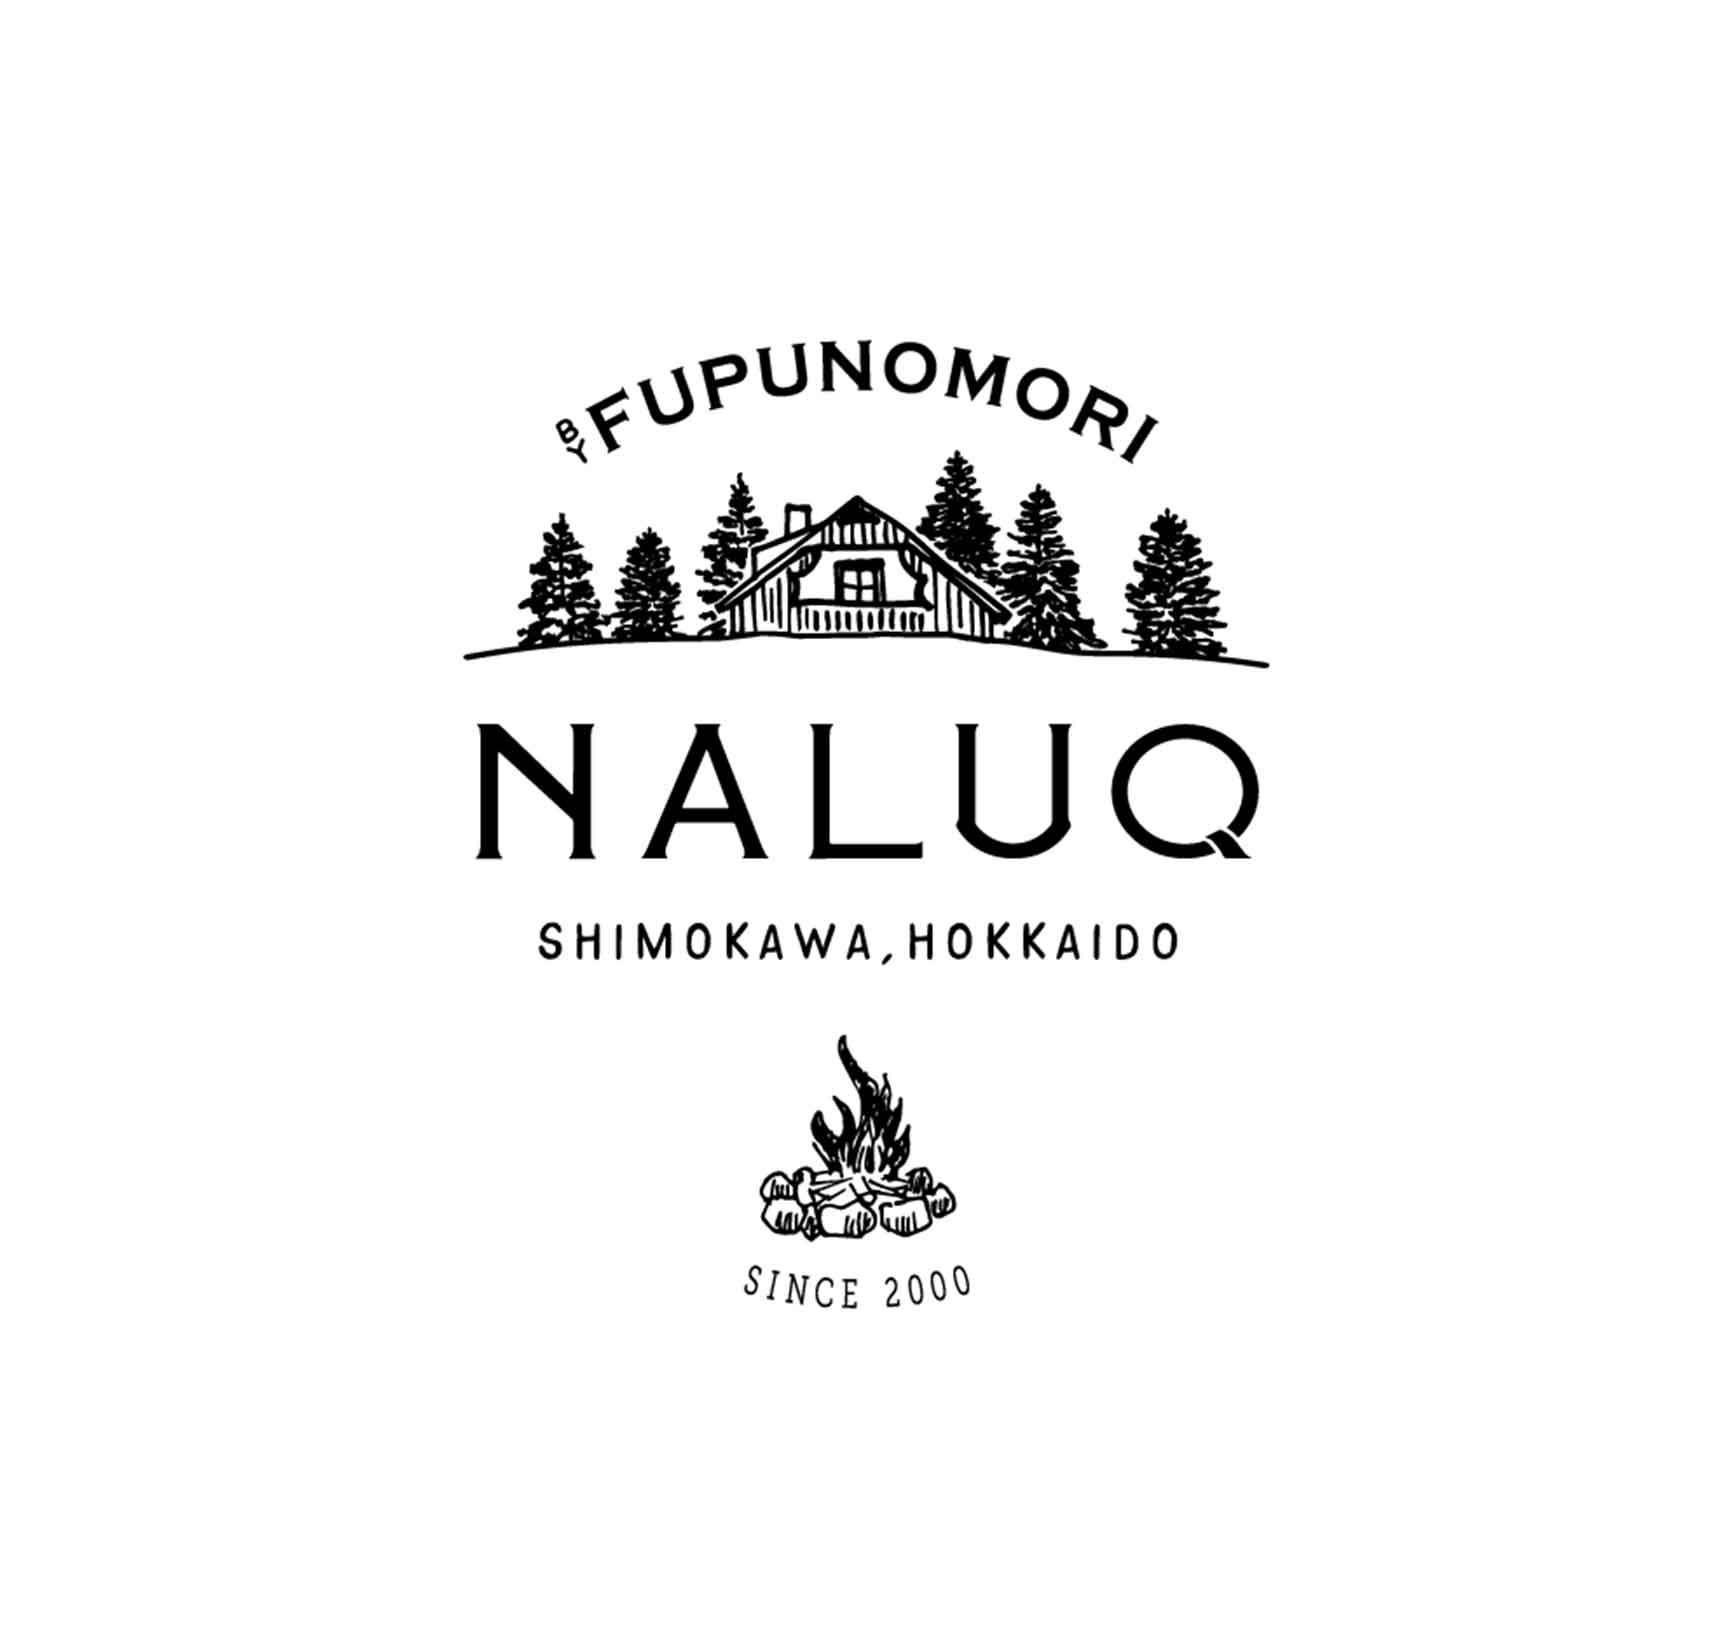 NALUQ ナルーク